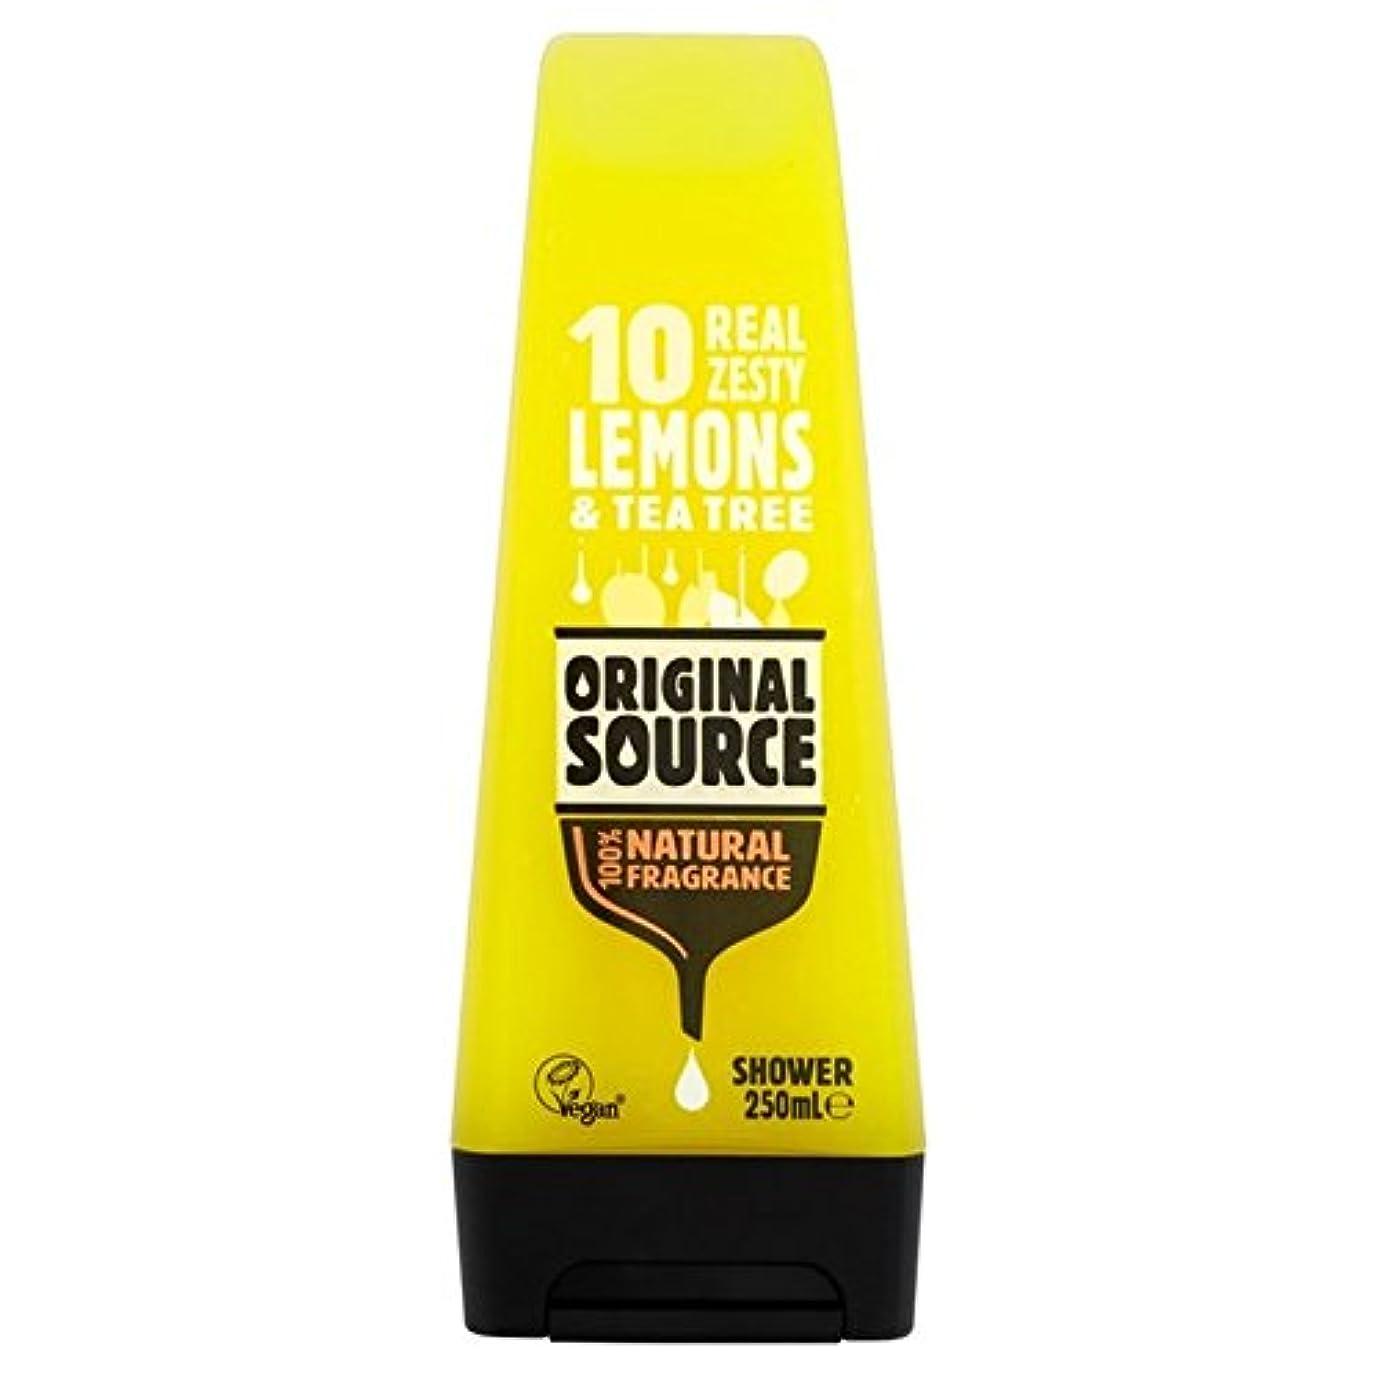 誓約素晴らしさする必要がある元のソースのレモンシャワージェル250ミリリットル x2 - Original Source Lemon Shower Gel 250ml (Pack of 2) [並行輸入品]